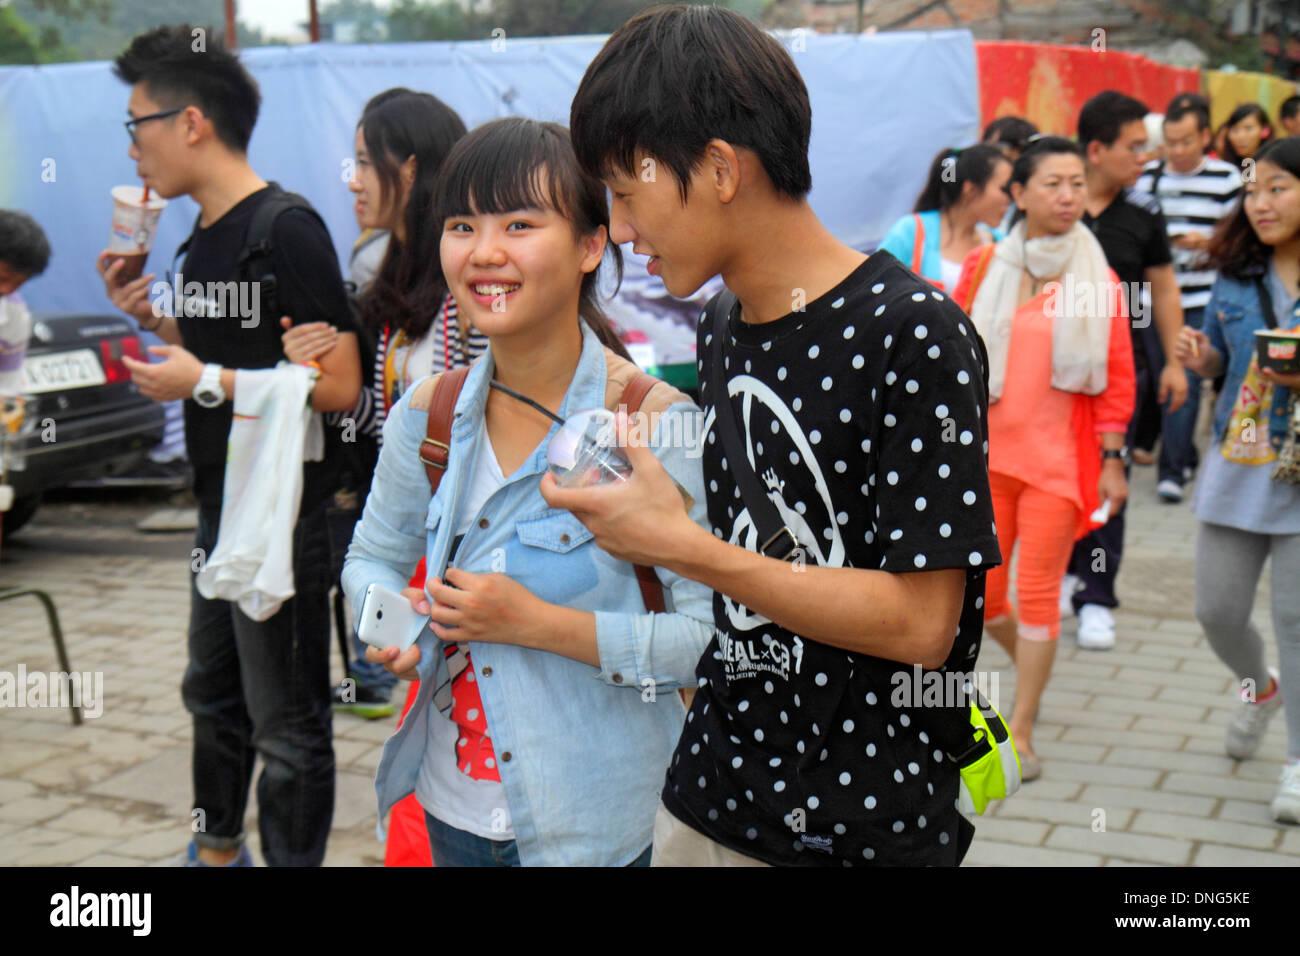 Chinese teen sucks big dick